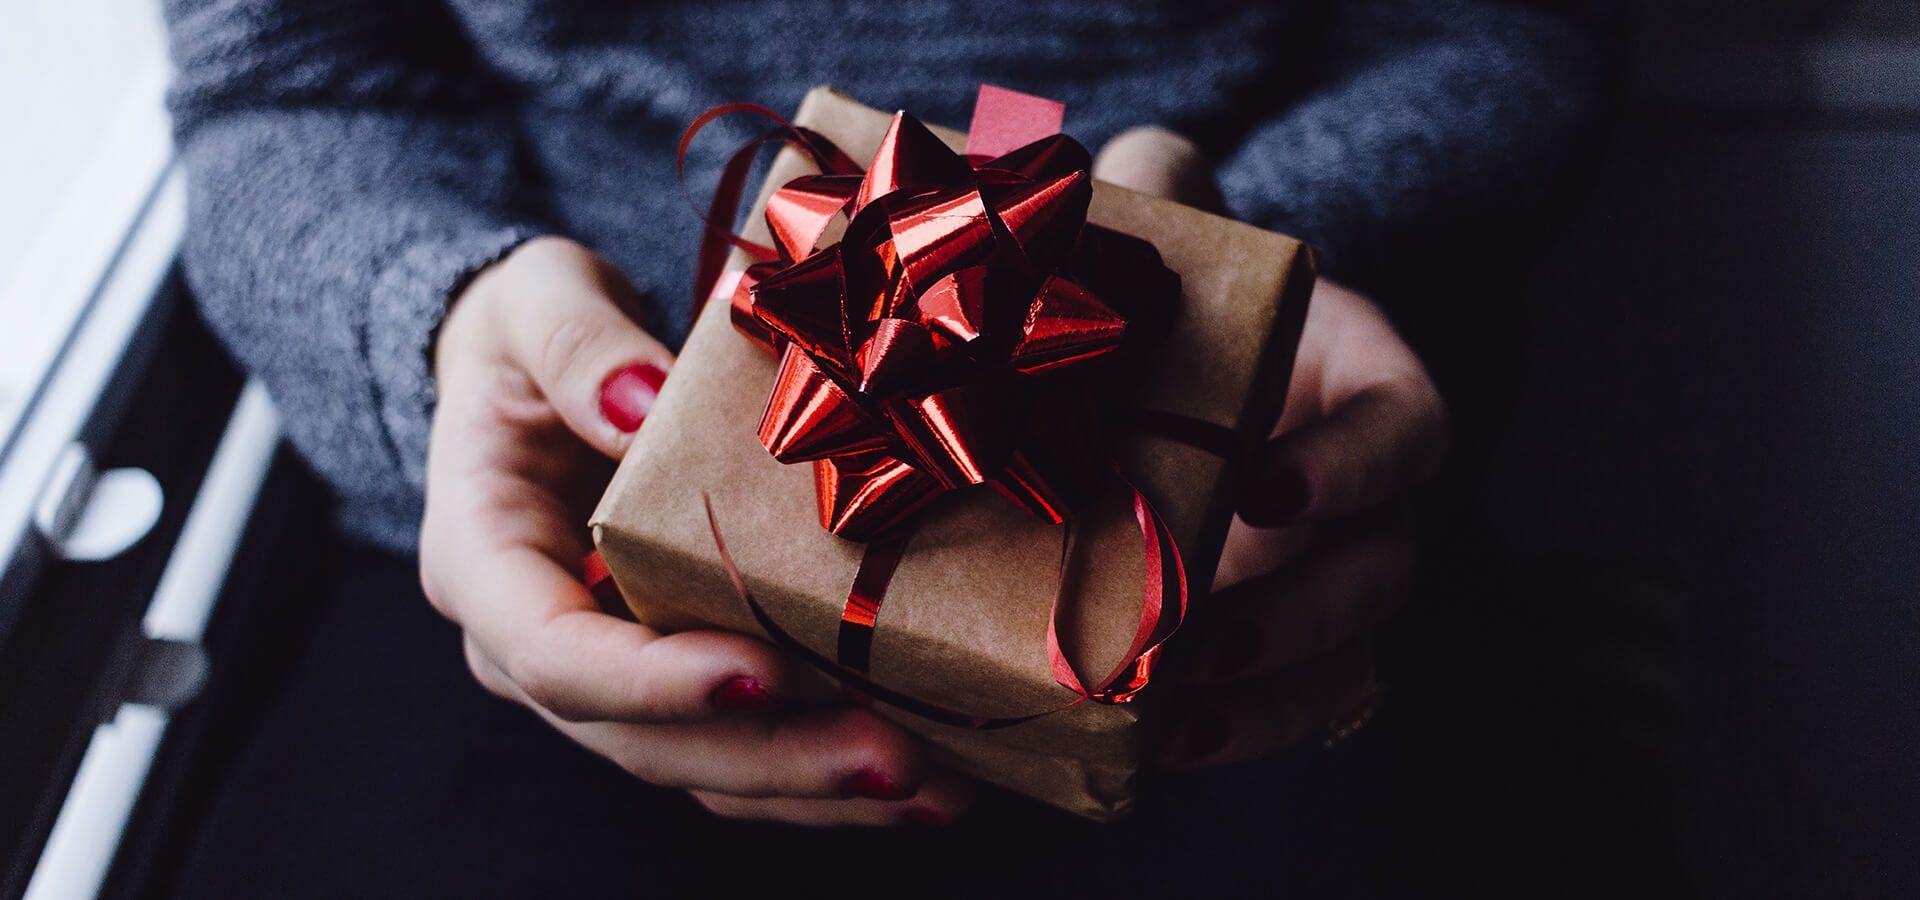 40 najlepszych prezentów dla podróżnika w 2021 r.